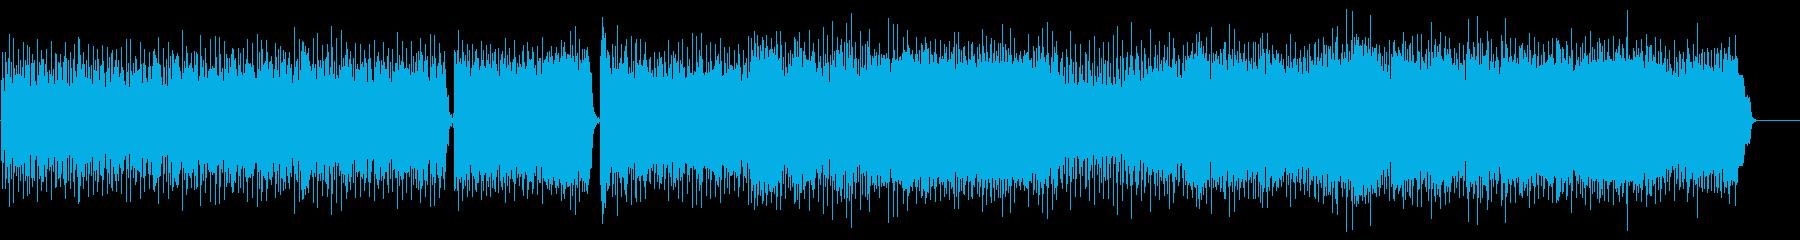 ハード・エッジなマジカル・ギターサウンドの再生済みの波形